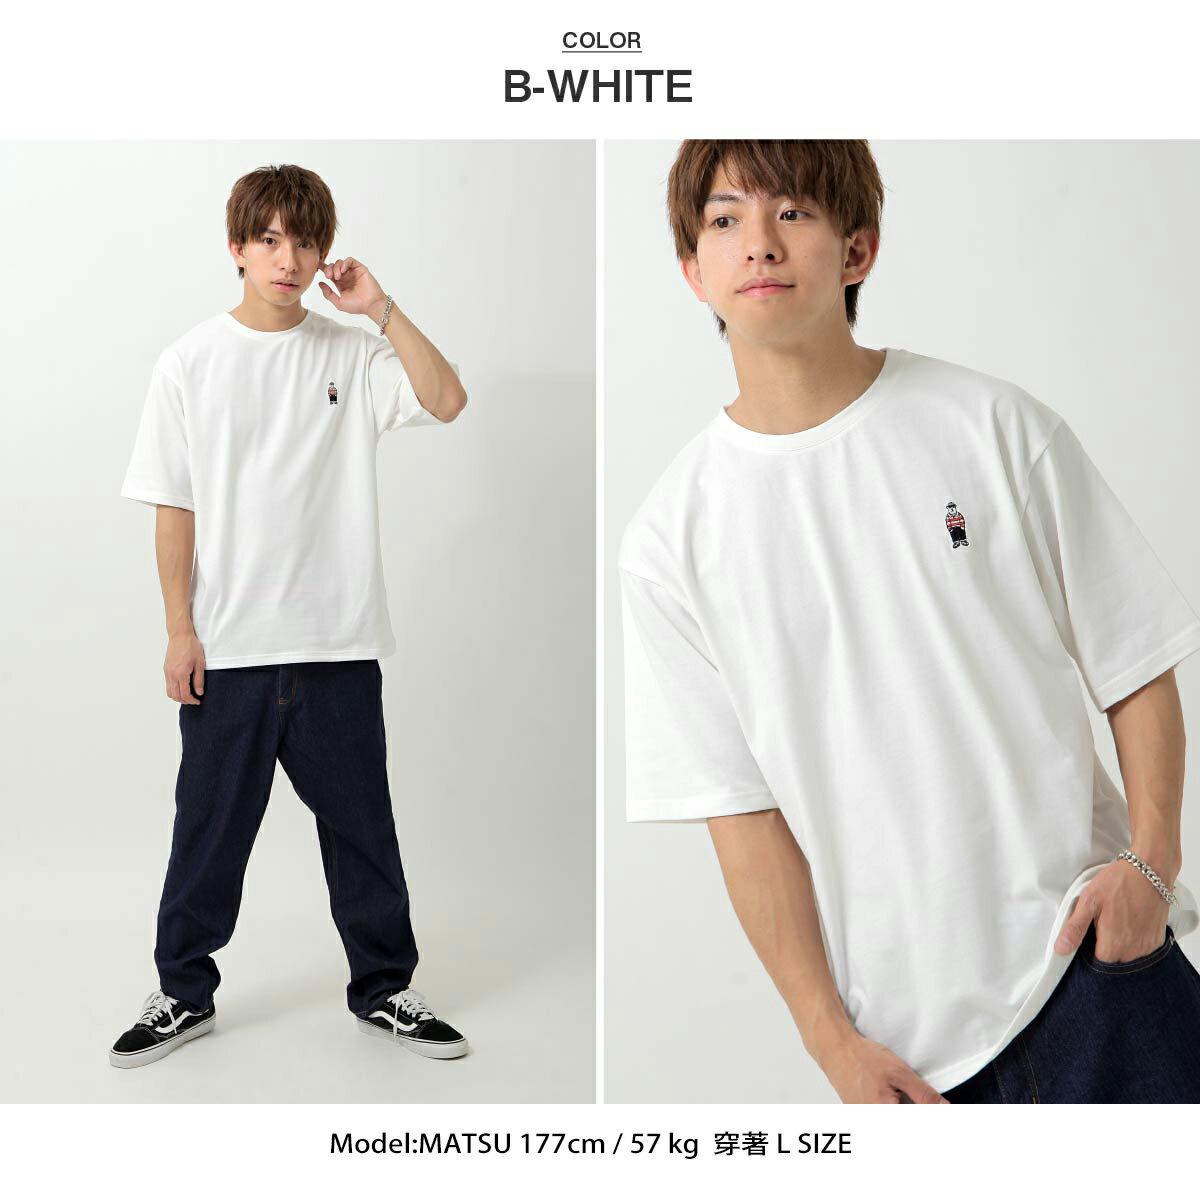 【ZIP】白熊刺繡短TEE BENJAMIN 1